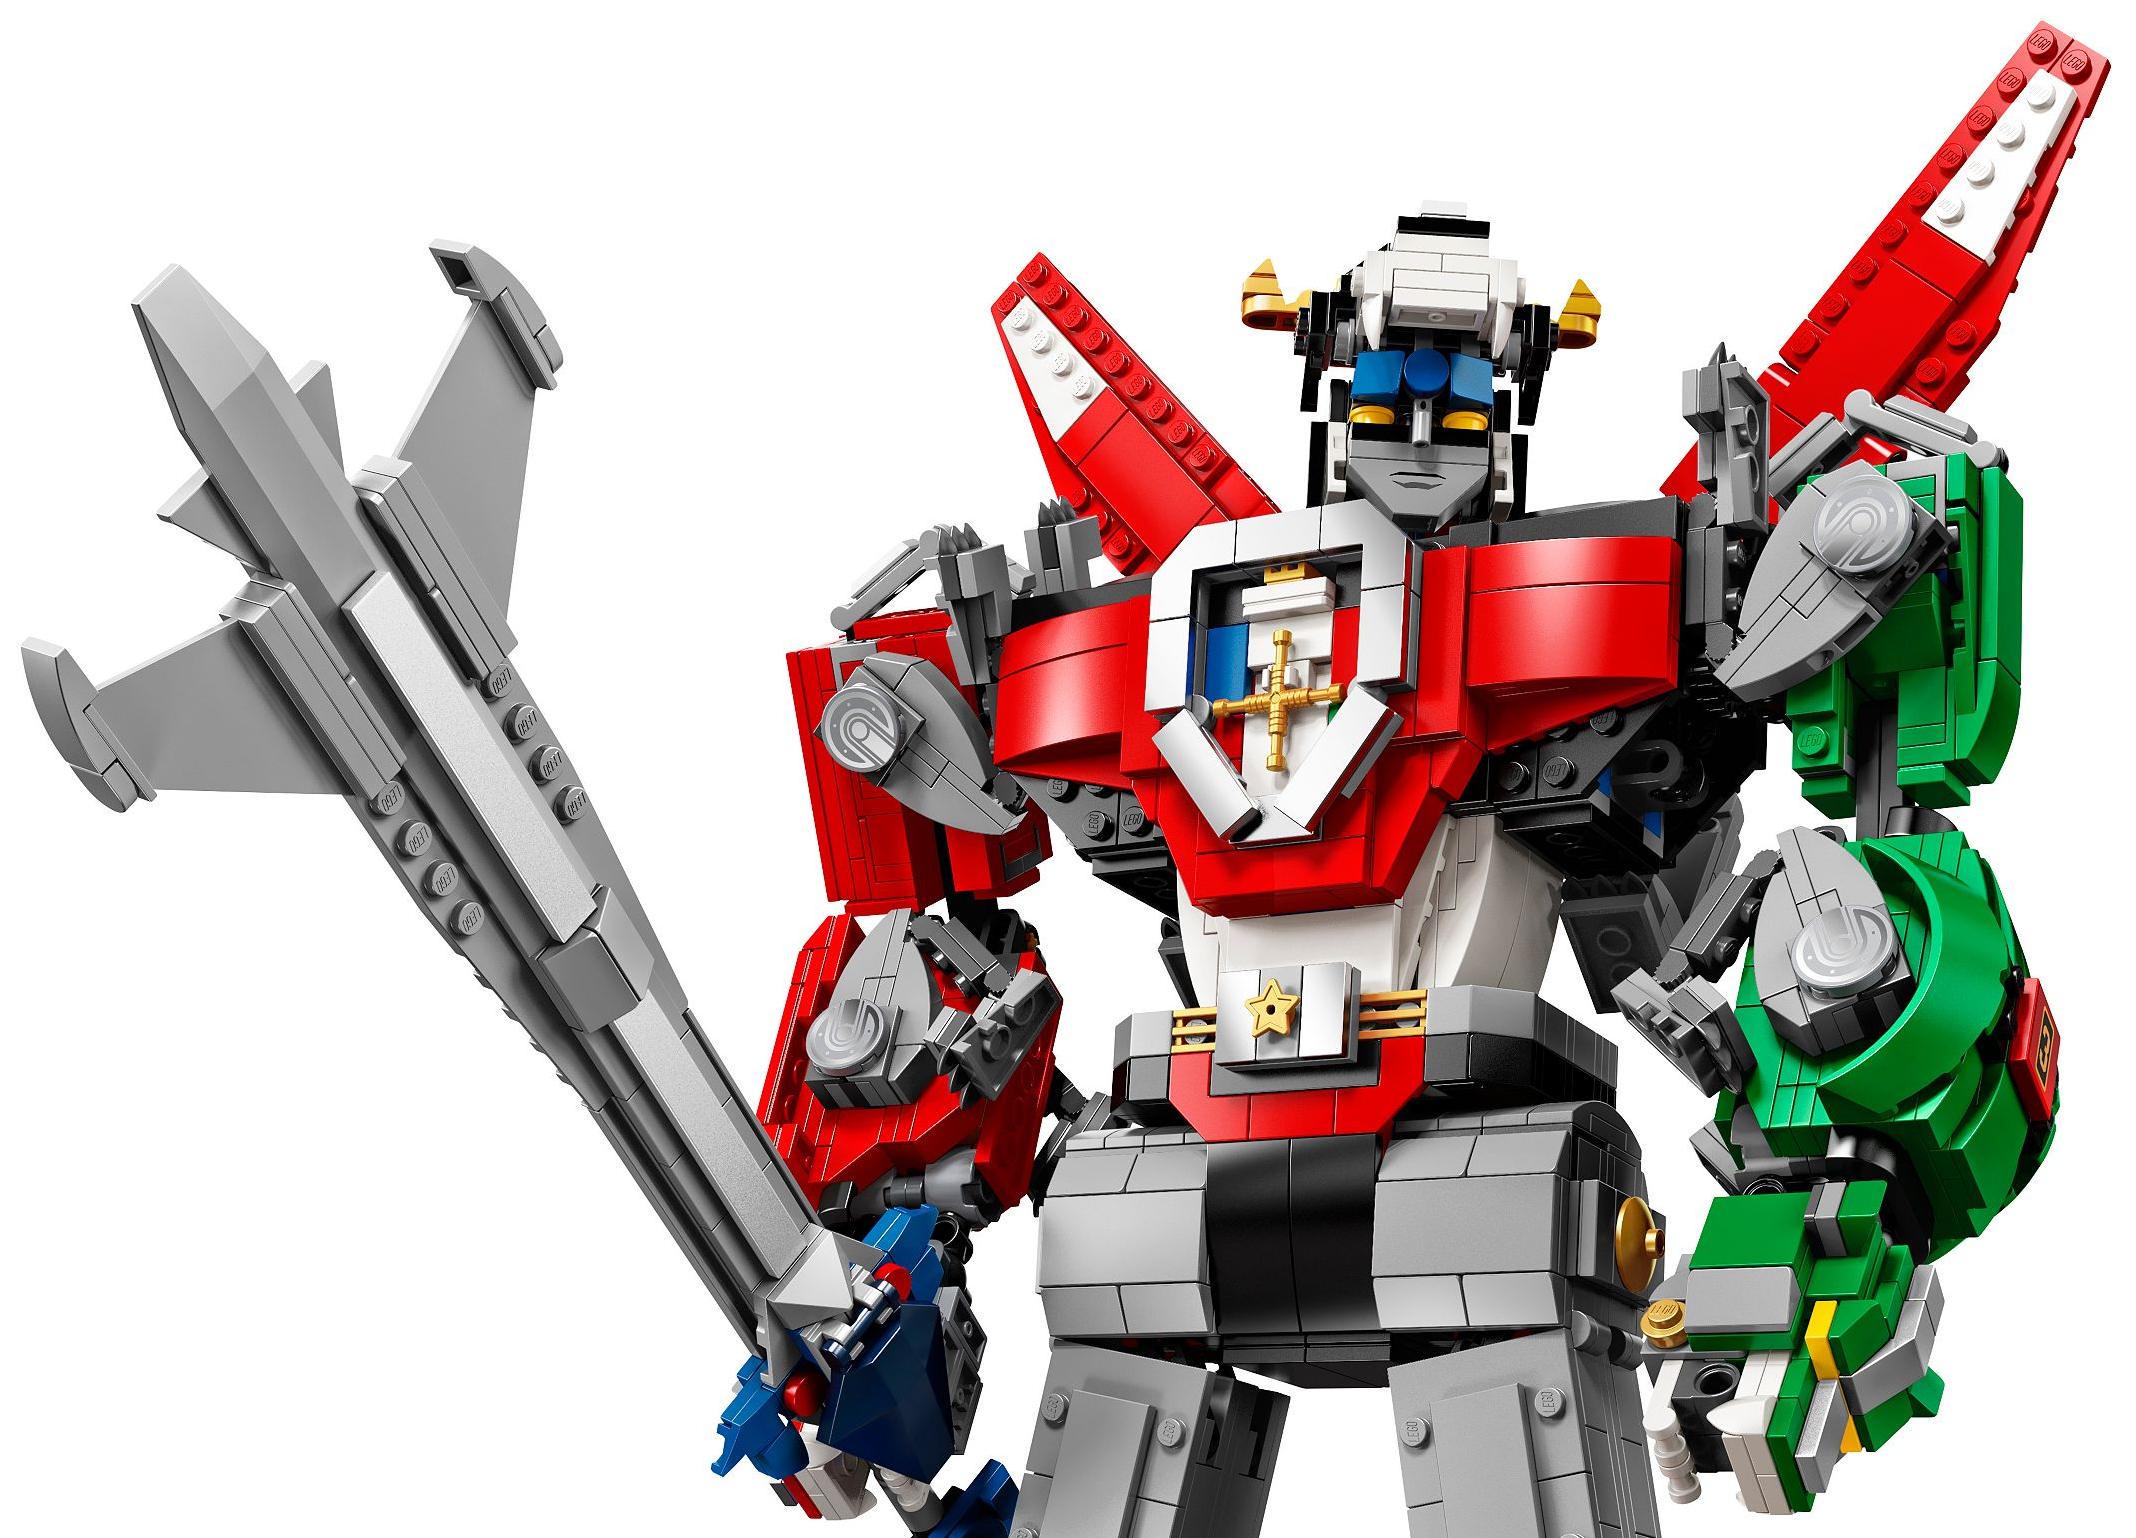 L'elenco dei set LEGO che saranno rimossi dalla vendita nel 2019